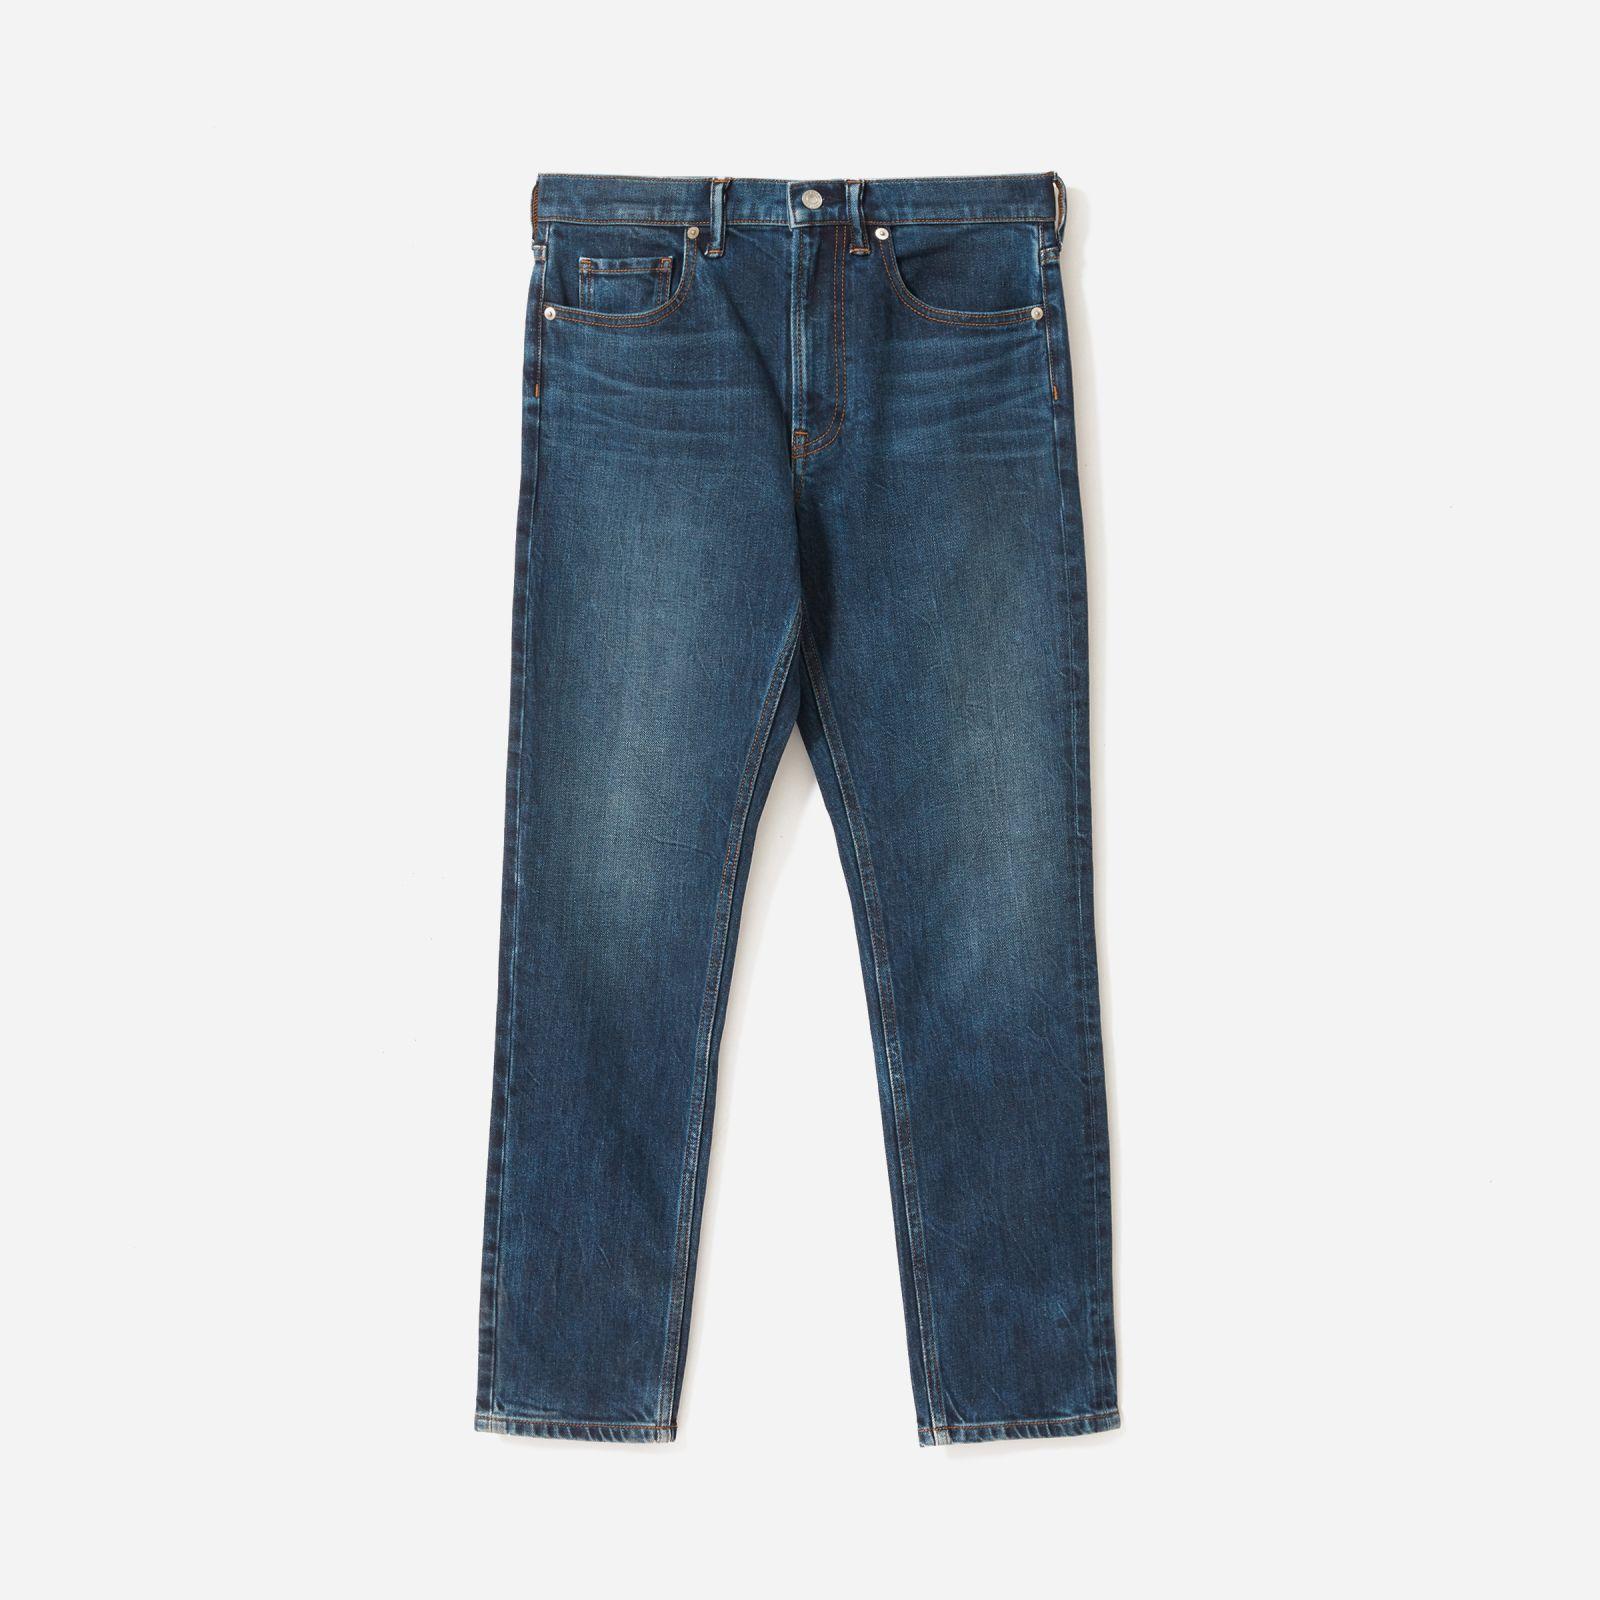 men's heavyweight slim jean by everlane in indigo wash, size 38x32